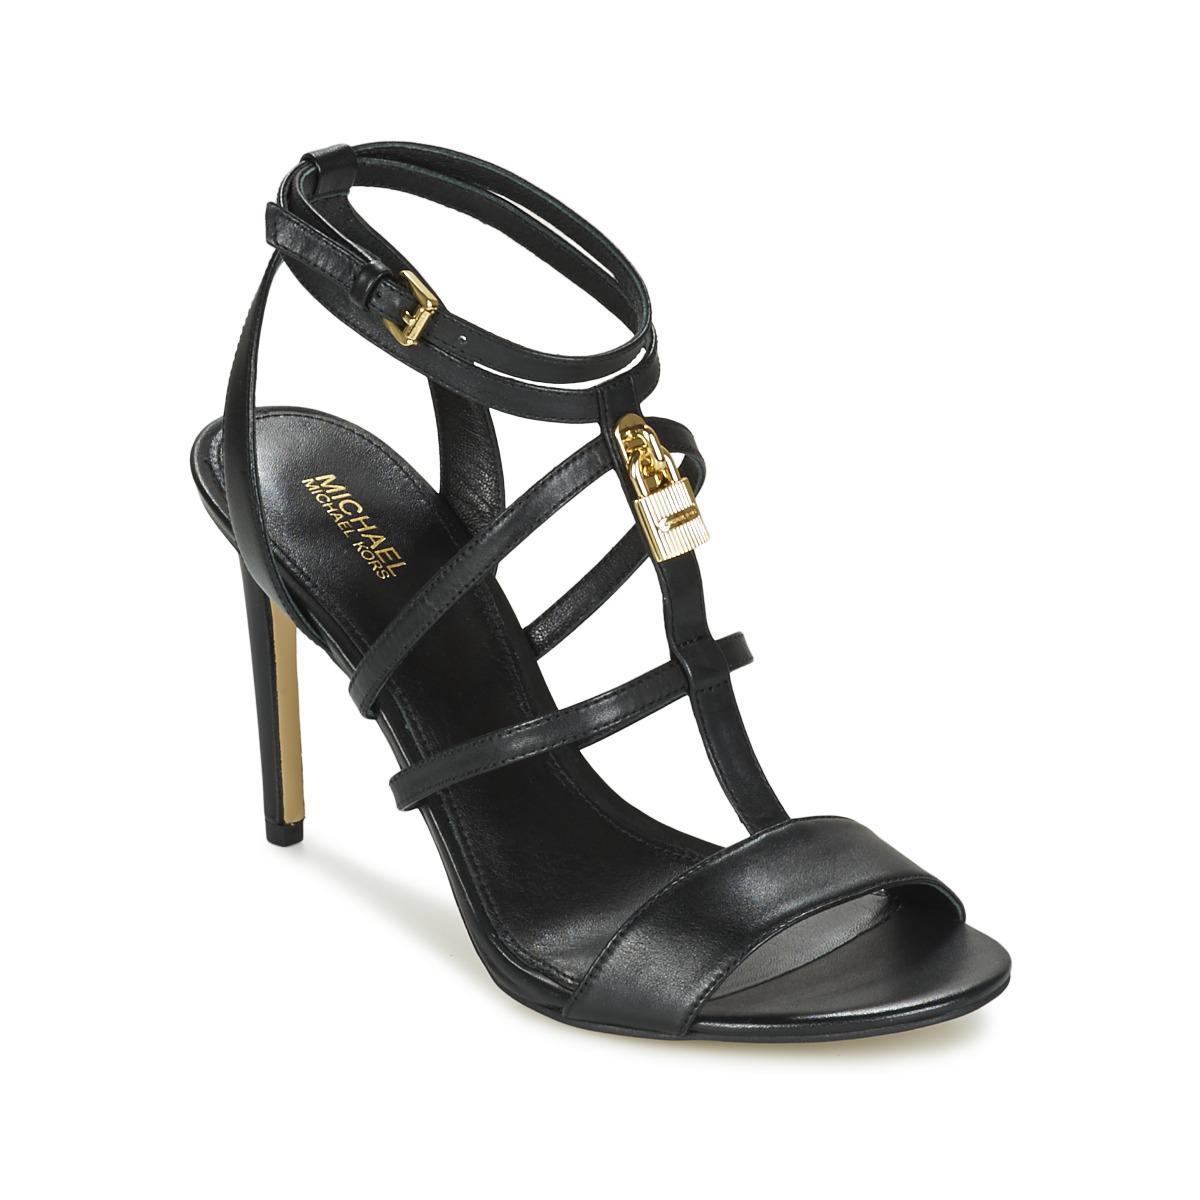 b15cbccc5fca MICHAEL Michael Kors Antoinette Sandal Women s Sandals In Black in ...